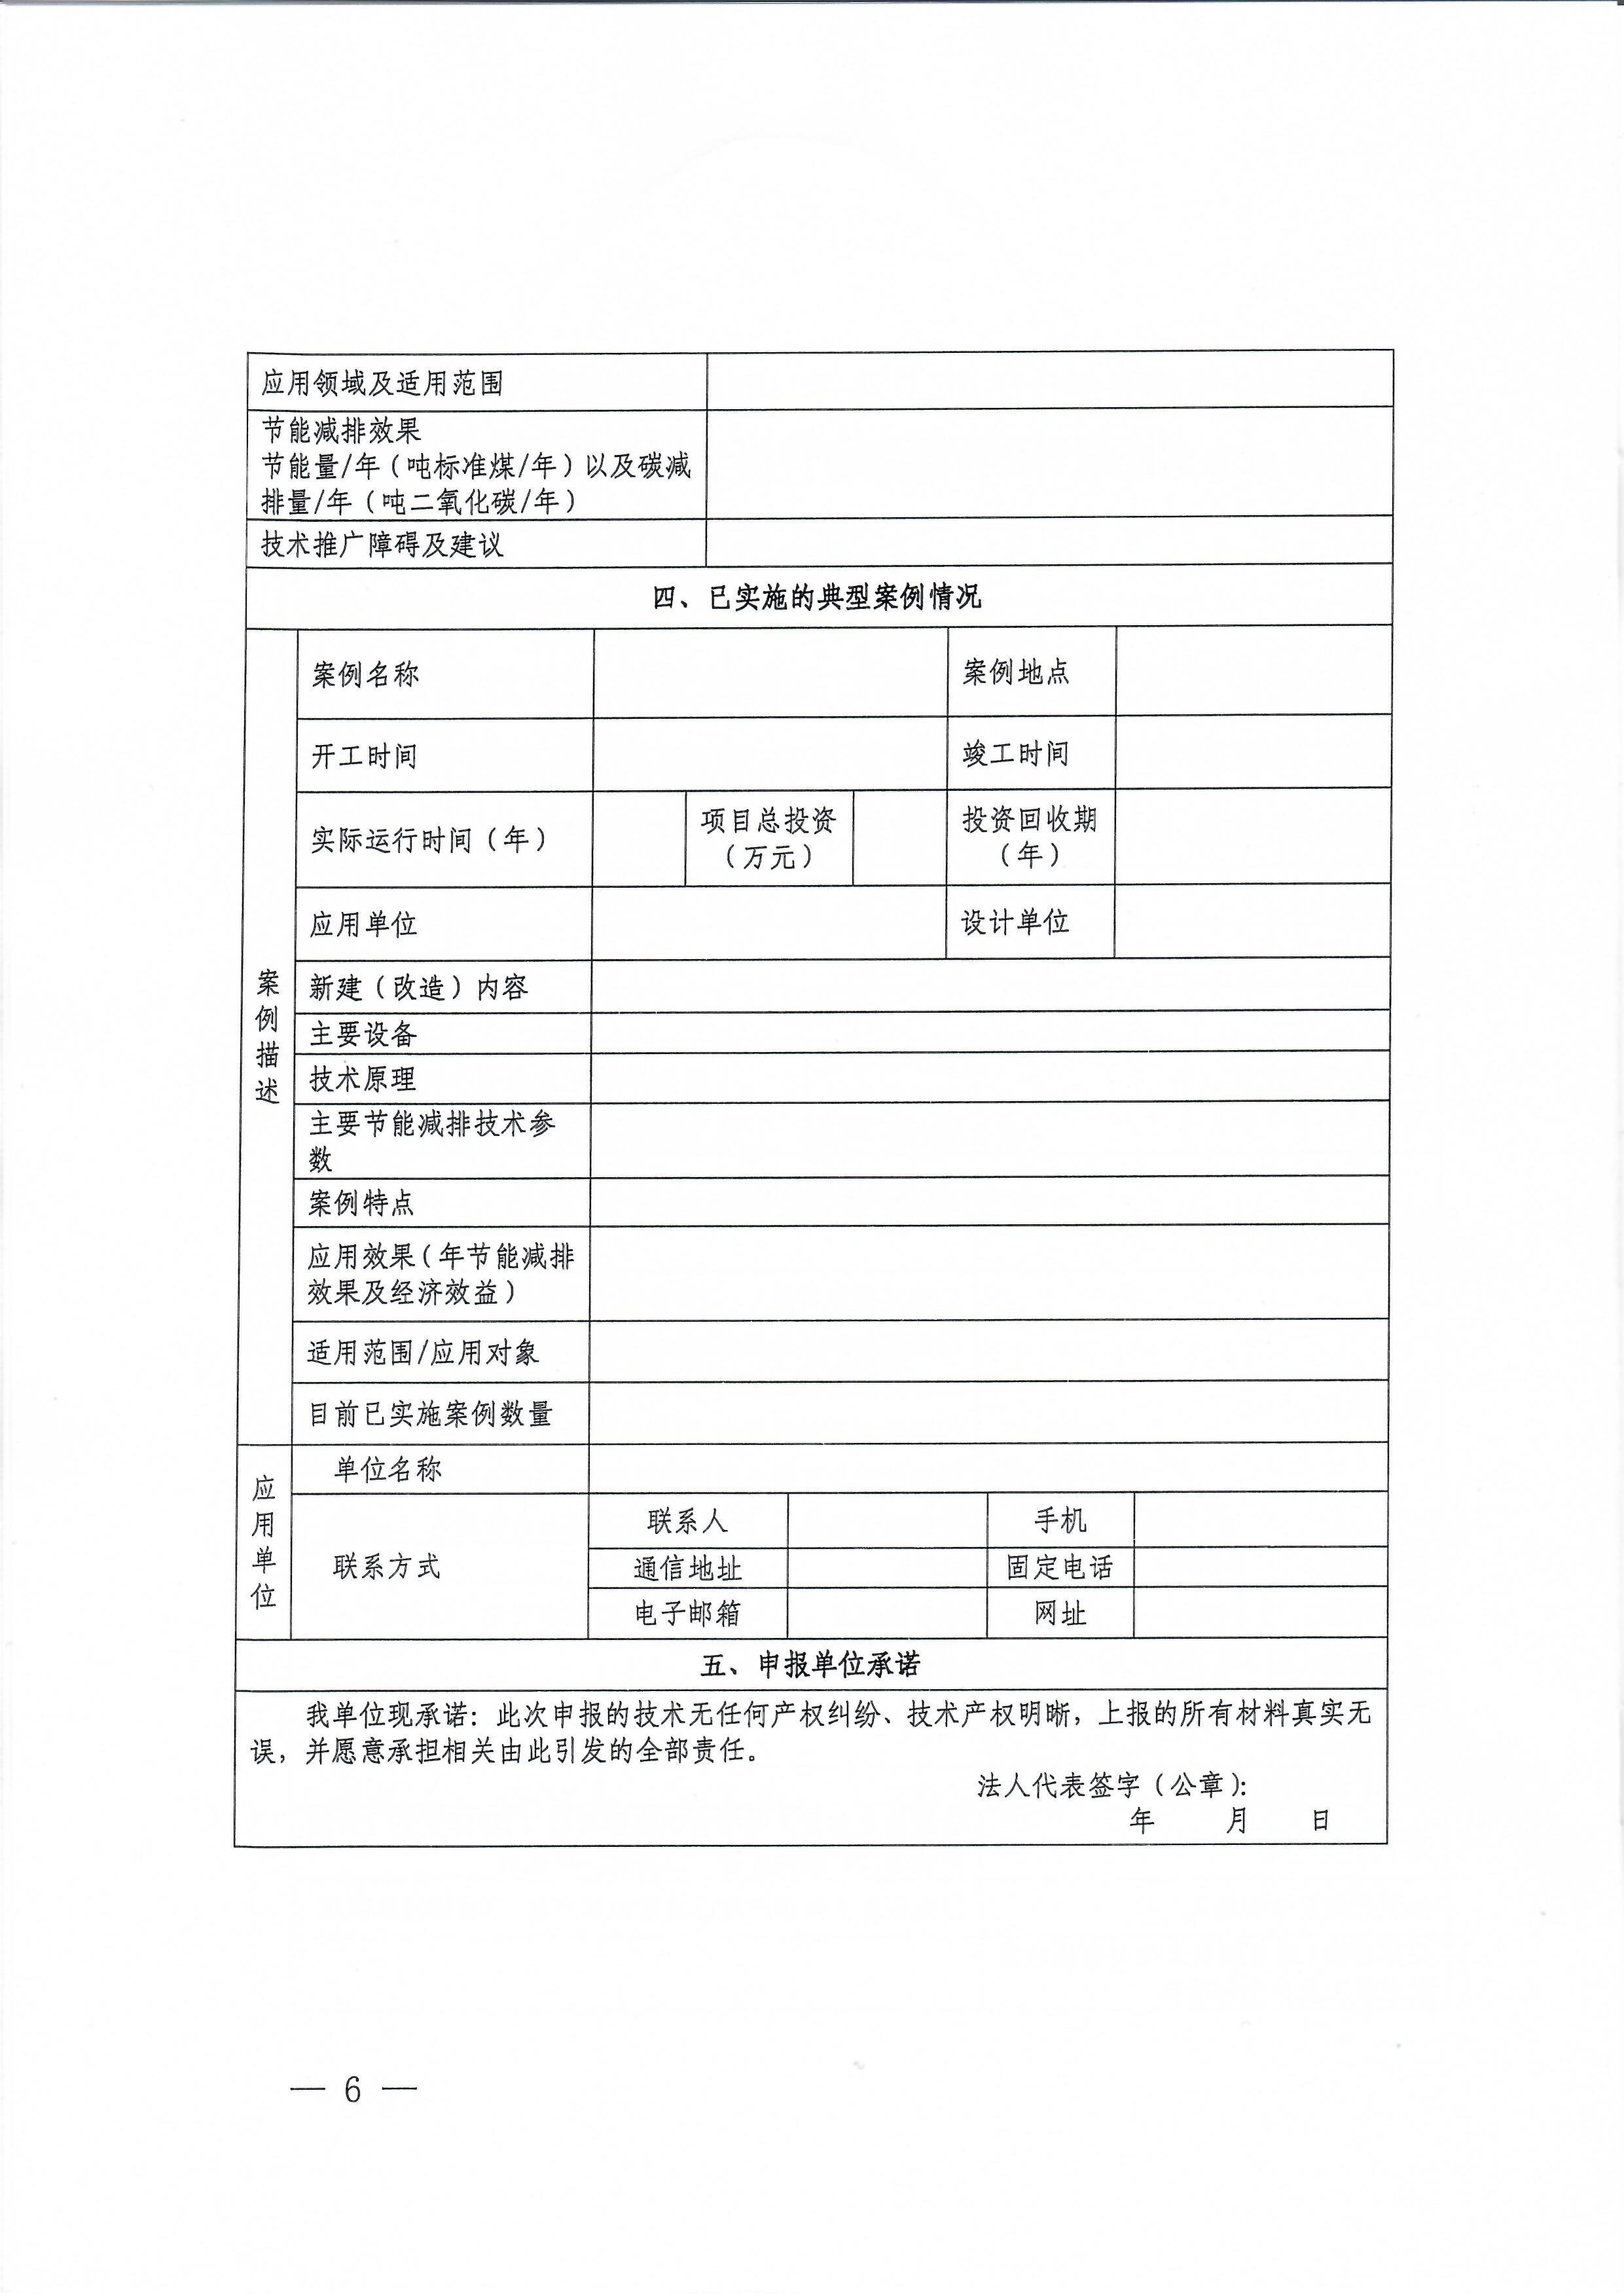 北京市节能技术产品征集通知_页面_06.jpg